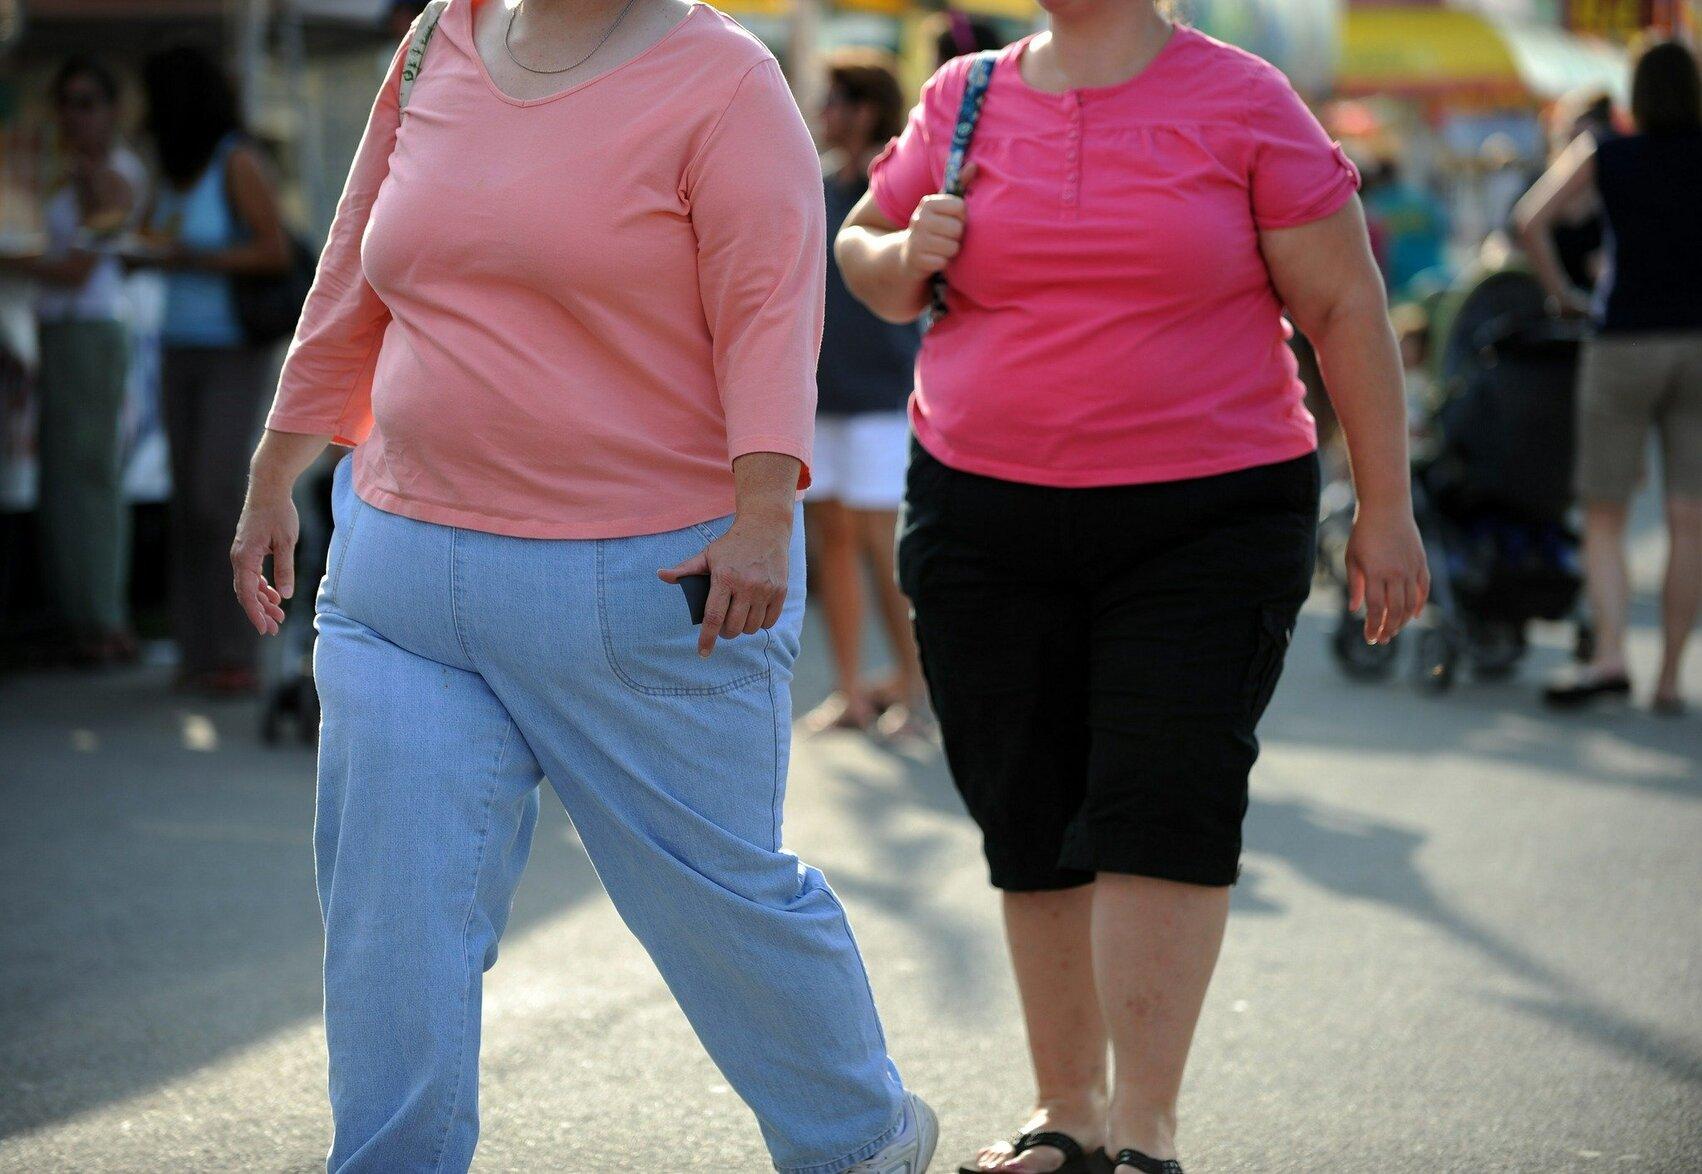 Ну, фсе. сознавайтесь. кому нравятся толстые мужики? - антоновна против. - страна мам